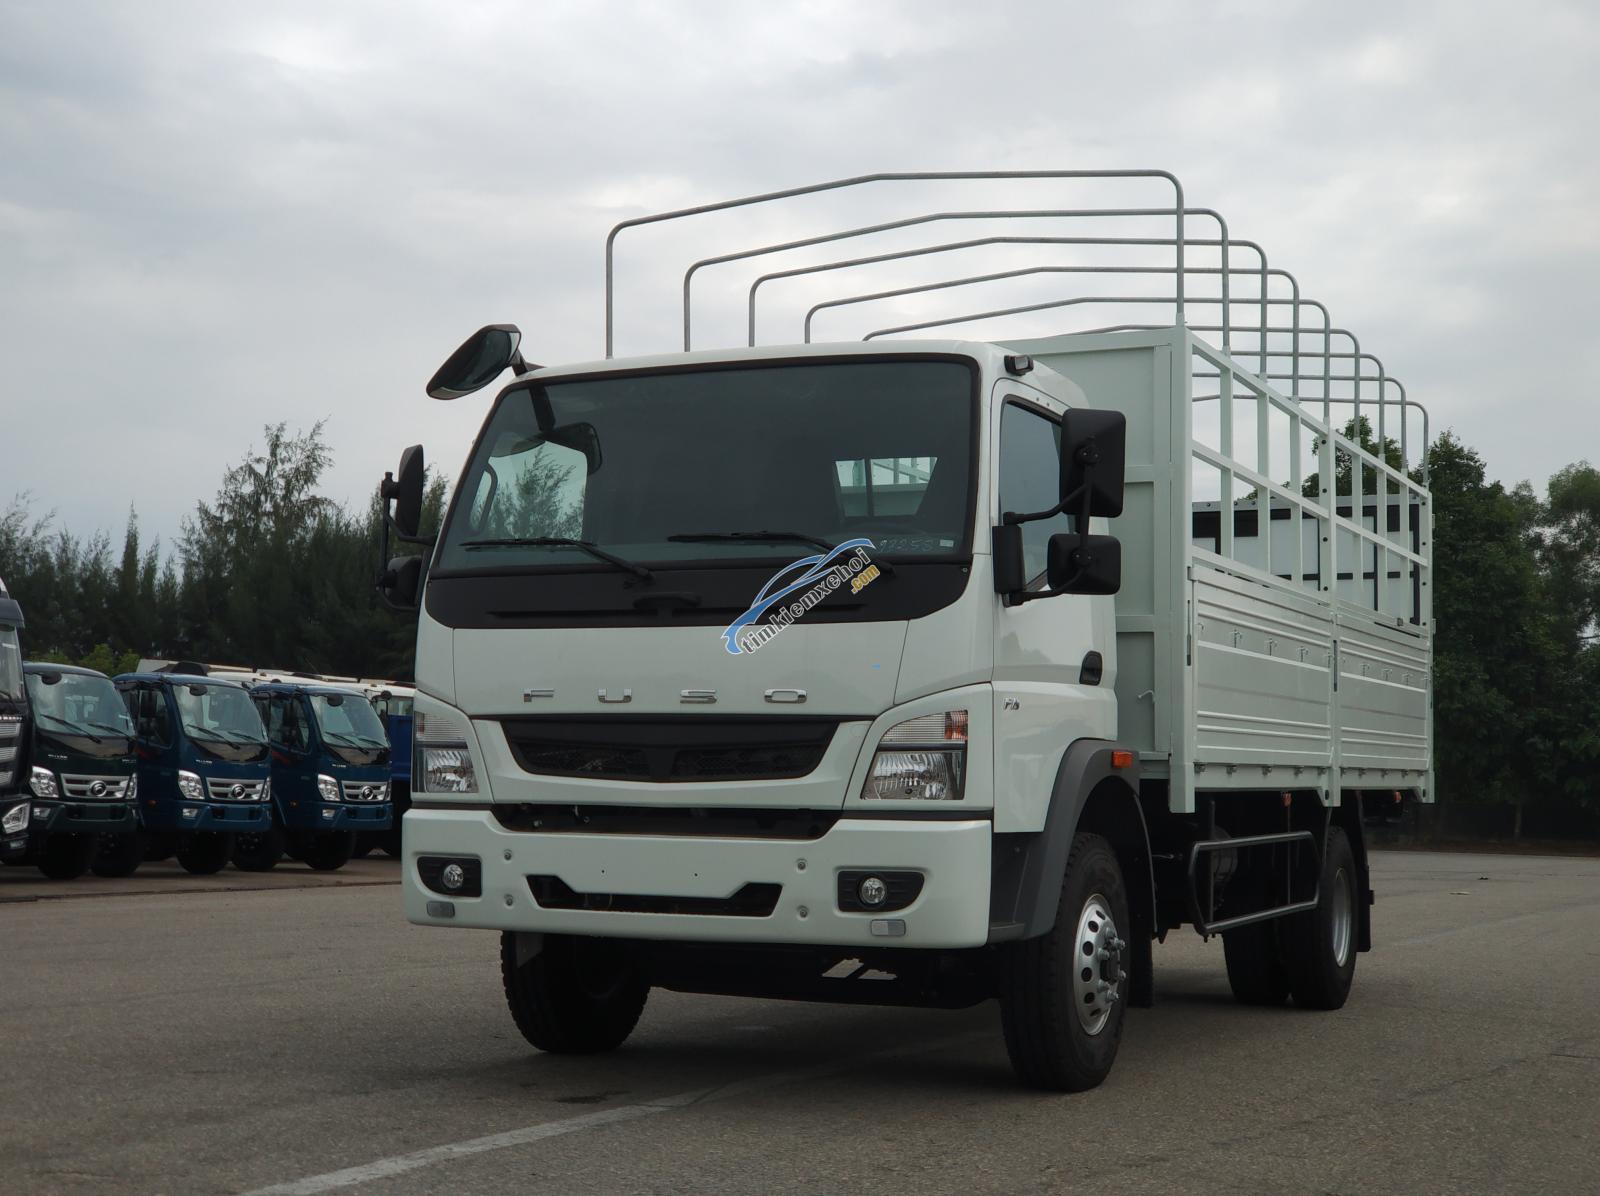 Xe tải nhật bản Misubishi Fuso Canter 10.4r thùng mui bạt - 5.75 tấn trả góp 80%